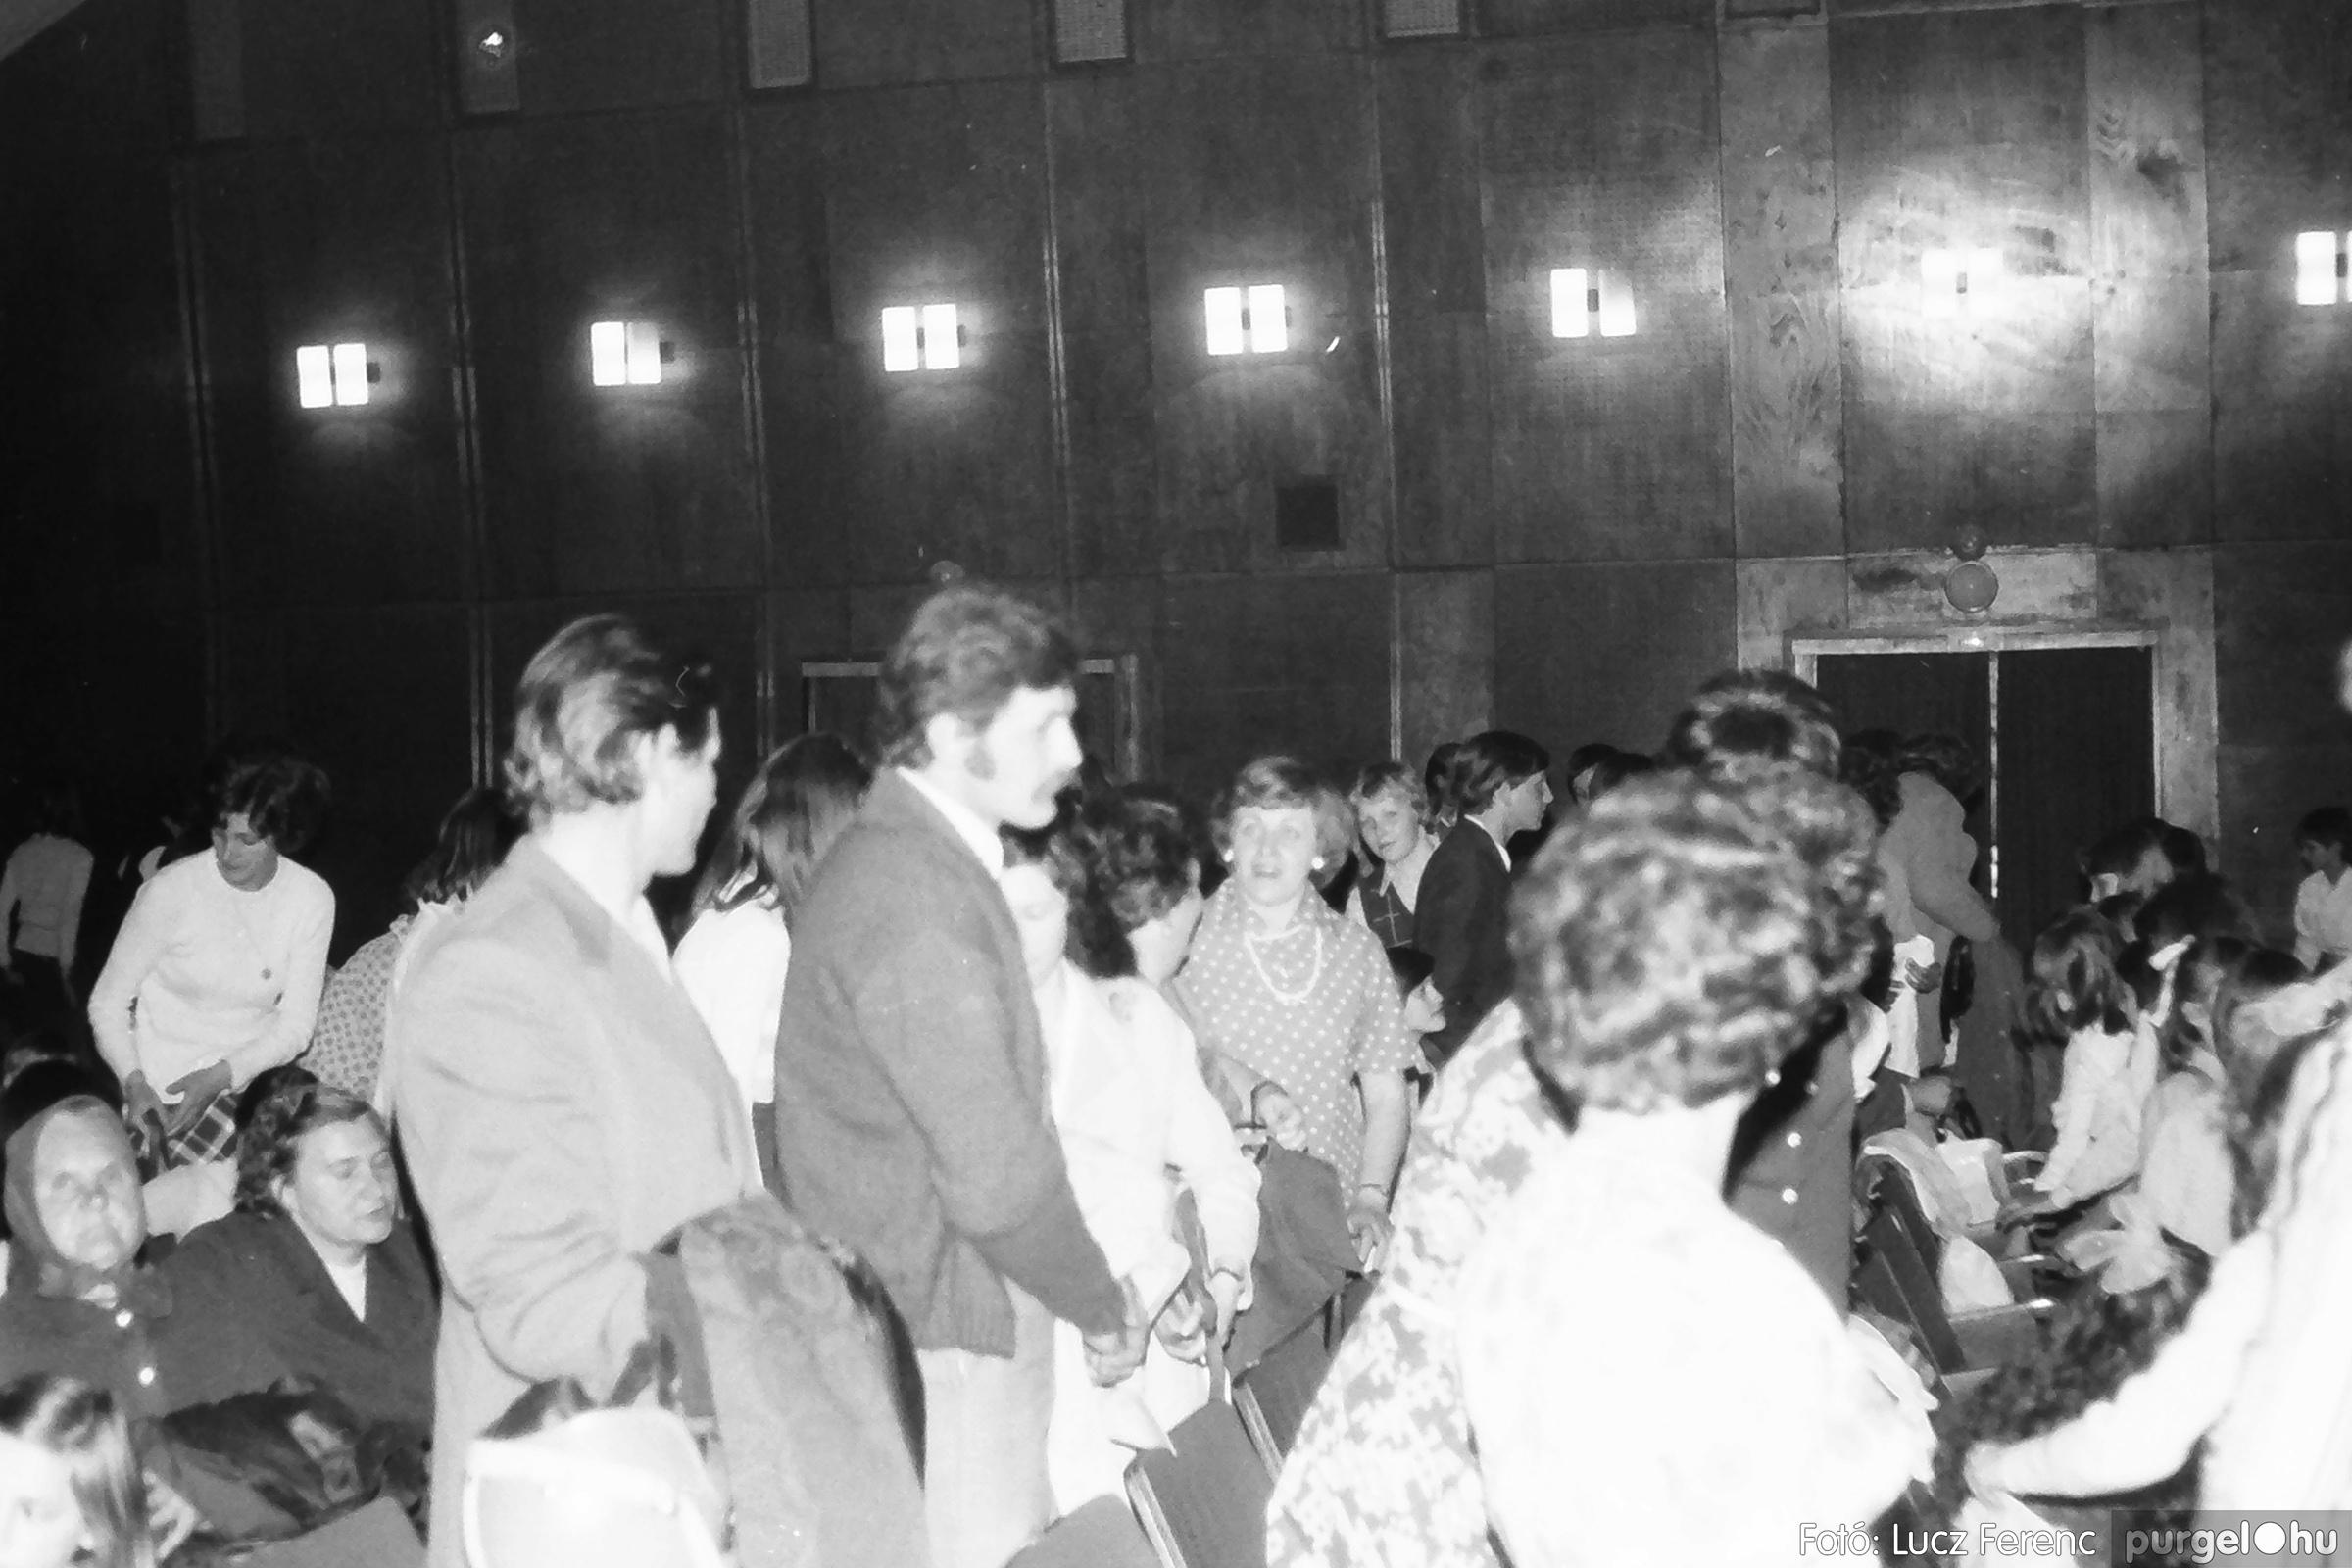 077. 1977. Kulturális seregszemle Mindszenten 013. - Fotó: Lucz Ferenc.jpg